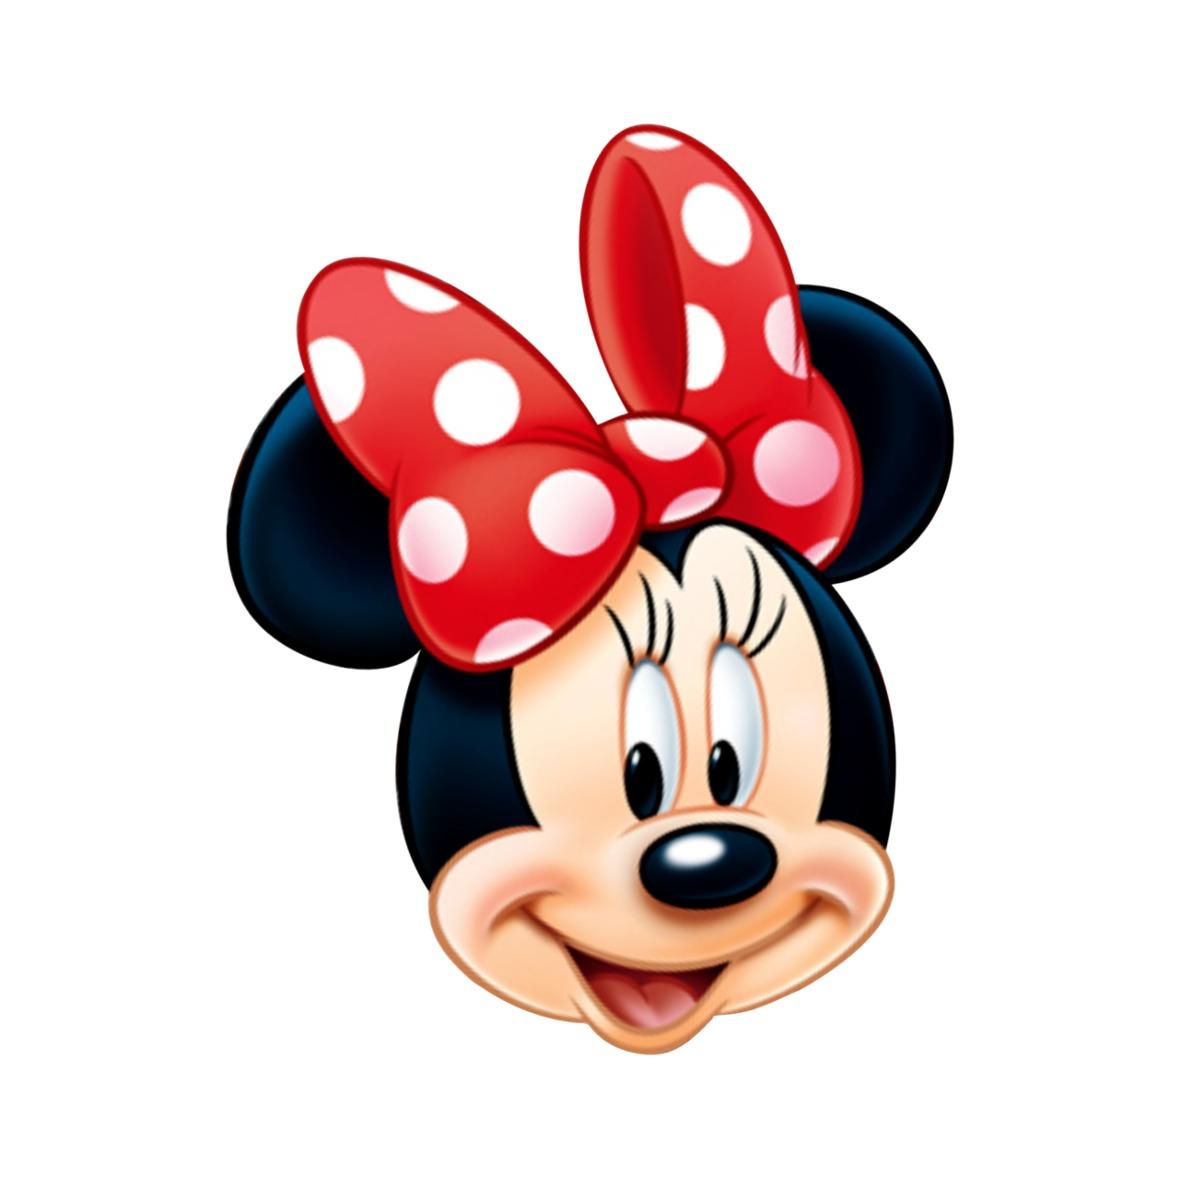 Placa Elipse Cabeca Da Minnie Vermelha 60 Cm Envio Em 24hrs R